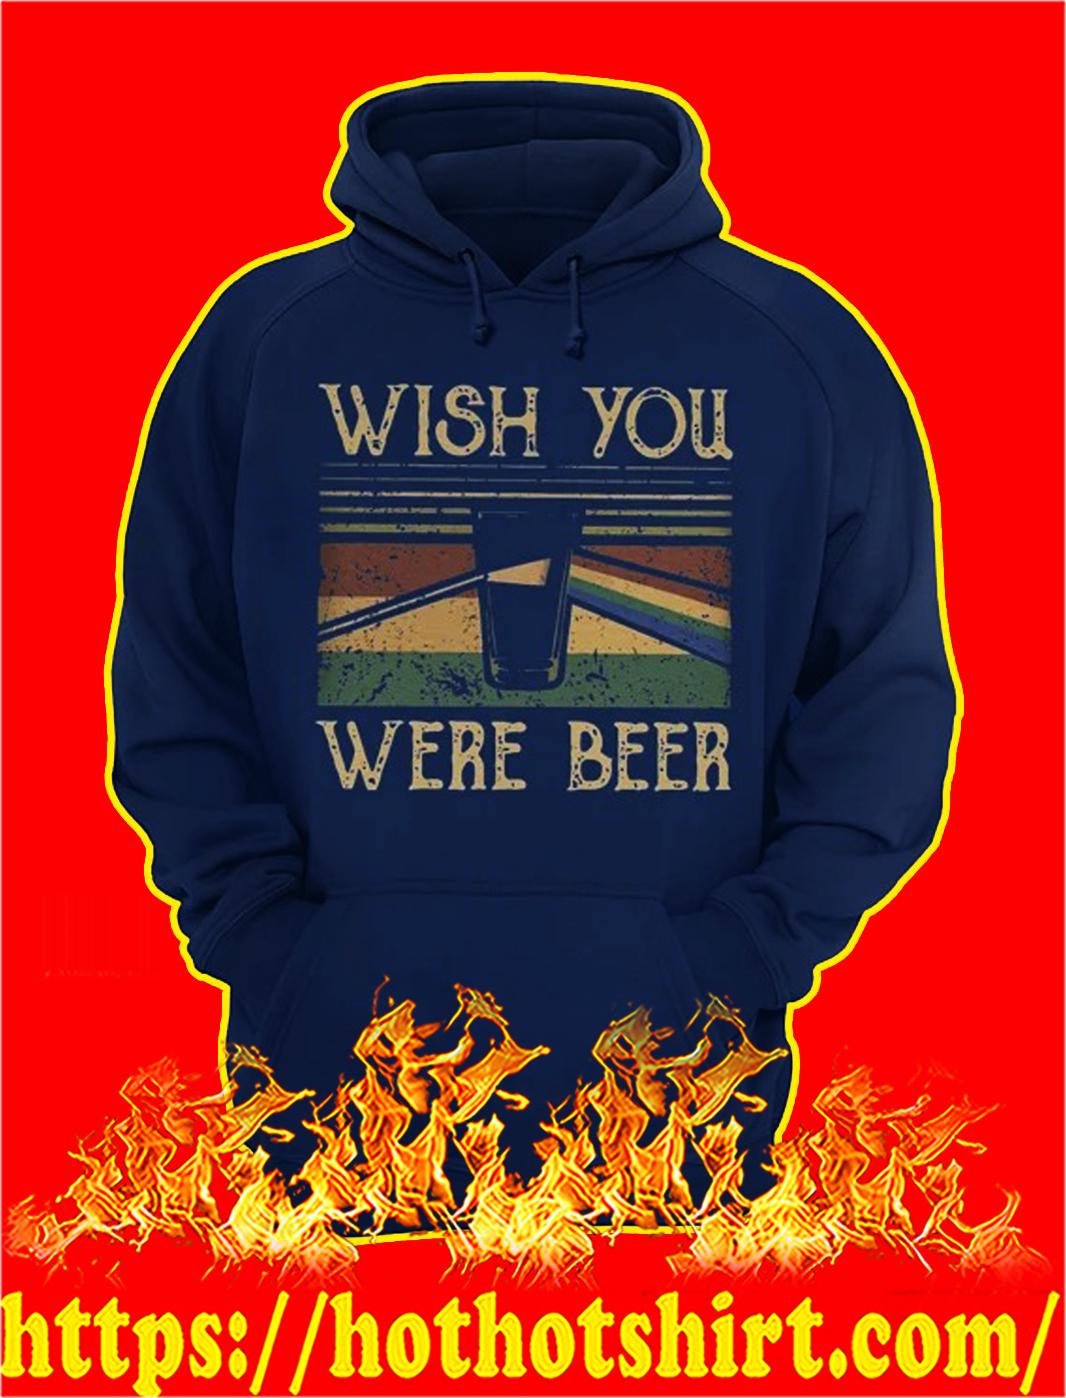 Wish you were beer pink floyd vintage hoodie